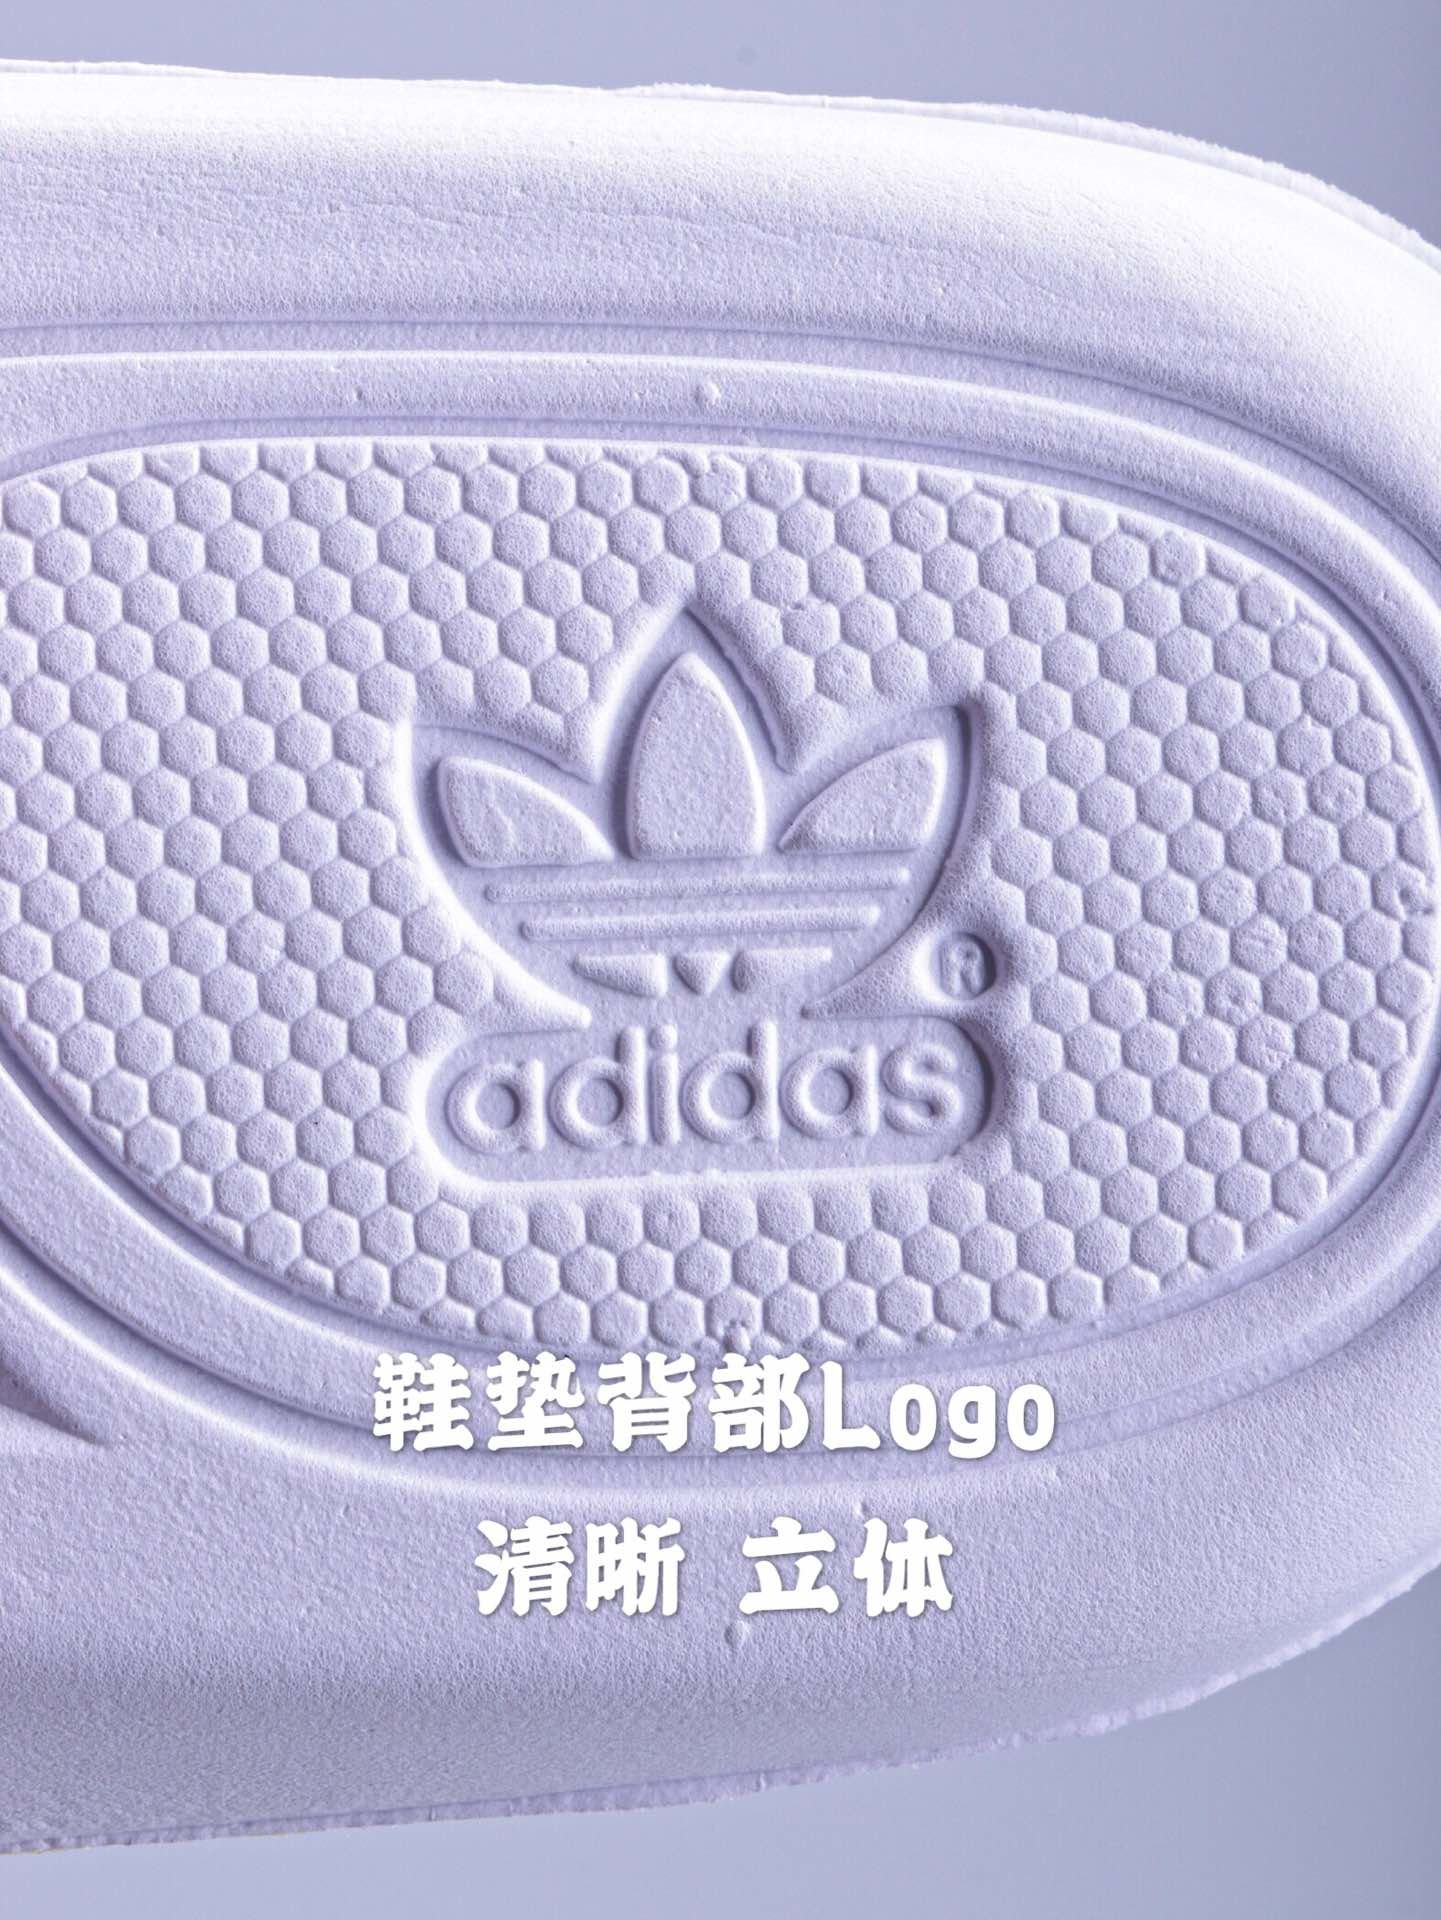 GT版本-椰子350 银粉天使 FV5578-纯原 细节图解